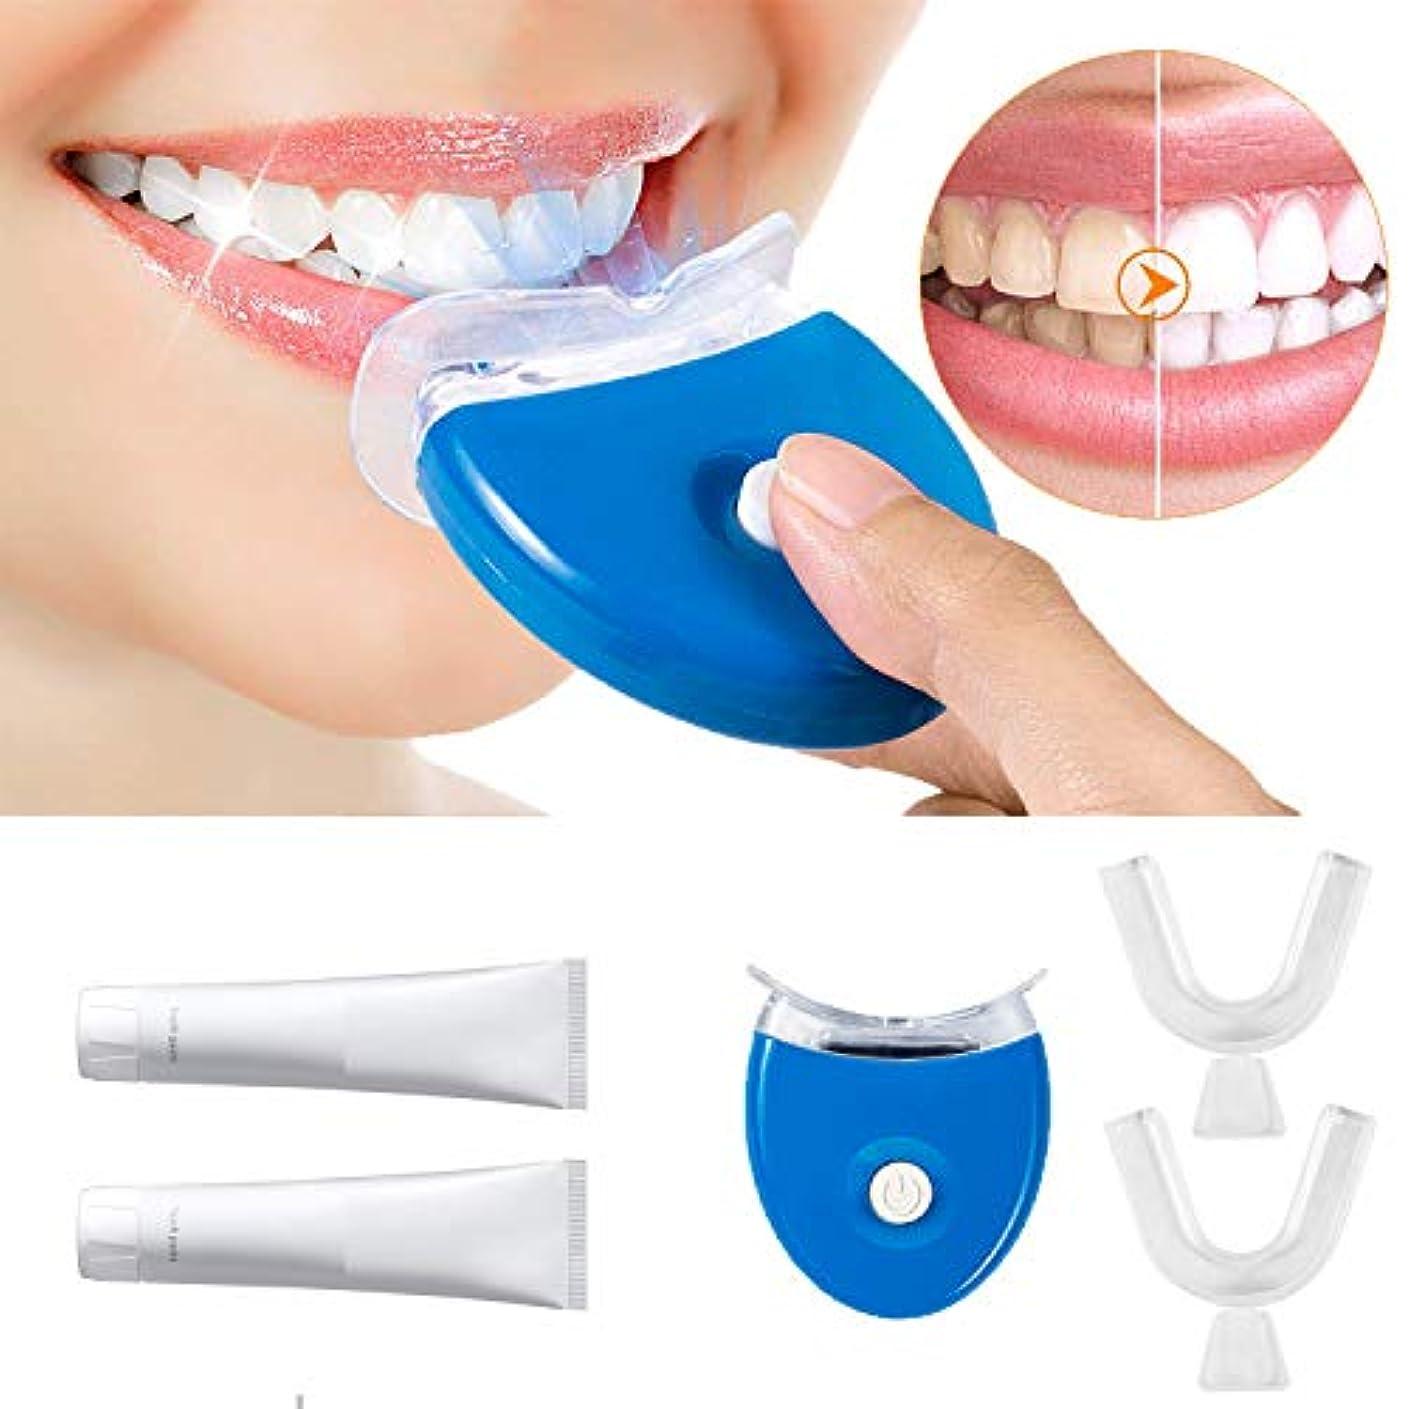 見落とすカリキュラム頑丈ホワイトニング 歯ホワイトニング器 歯美白器 美歯器 歯 ホワイトニング ホワイトナー ケア 歯の消しゴム 歯科機器 口腔ゲルキット ブルー